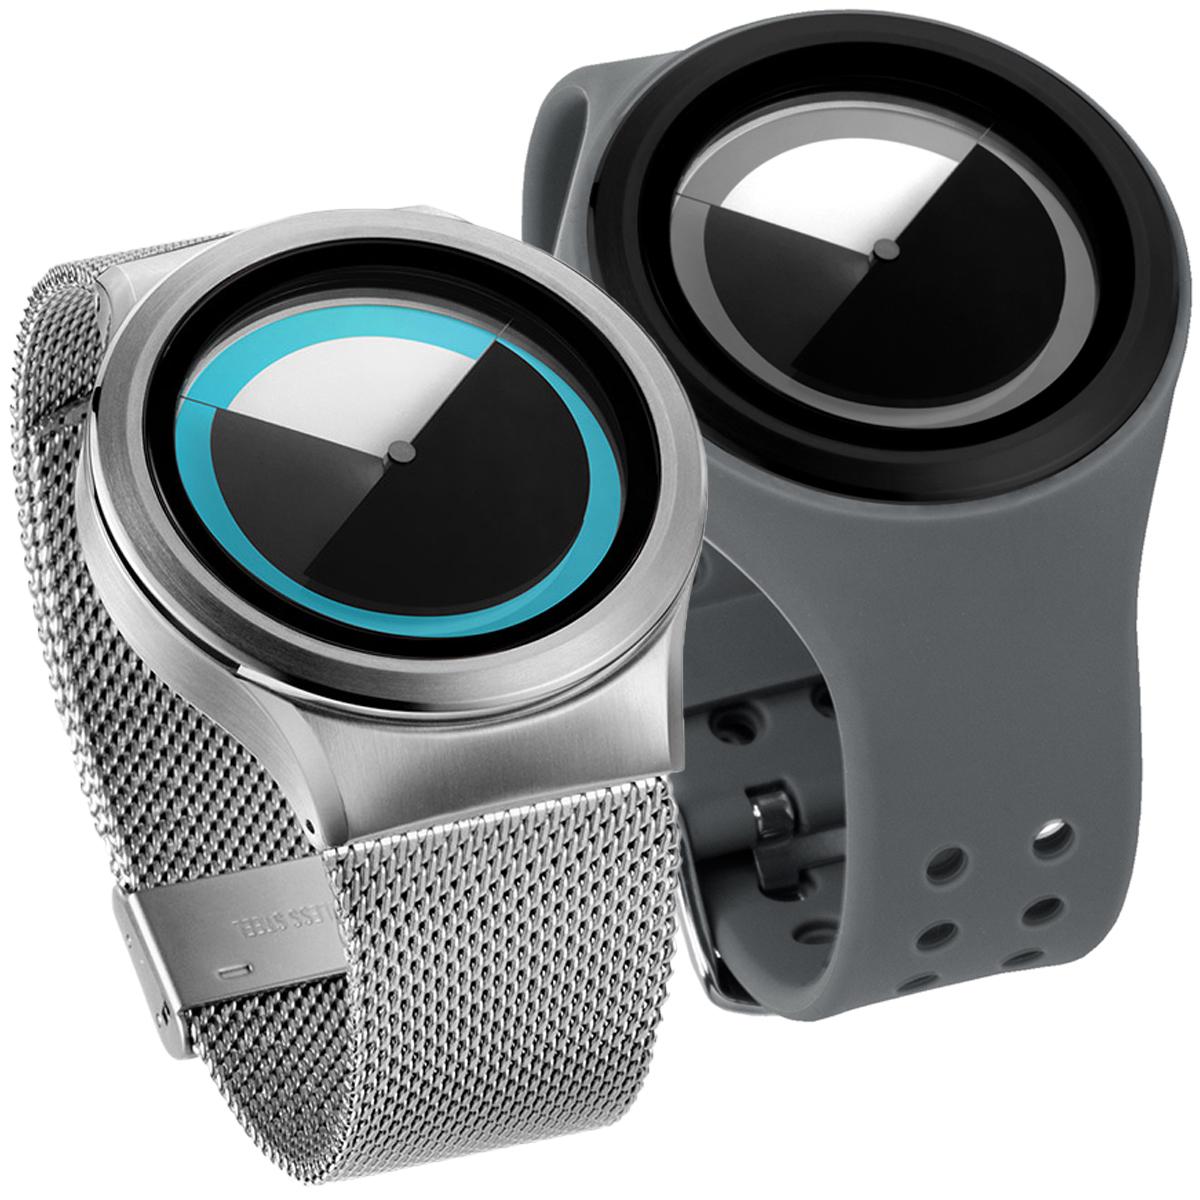 Miyotaムーブメント 交換可能 セレクタブル 5ATM防水 電池式 クォーツ メーカー保証12ヶ月 ベルト調整用工具 ロゴ入りクロス 取扱説明書 ZEROOTIME ゼロタイム ZEROO 内祝い ゼロ おしゃれ 個性派ウォッチ デザイン デザイナーズウォッチ DEEPSKY シンプル 腕時計 輝く盤面 珍しい SWEEPING ファッション スウィーピング ディープスカイ 40%OFFの激安セール